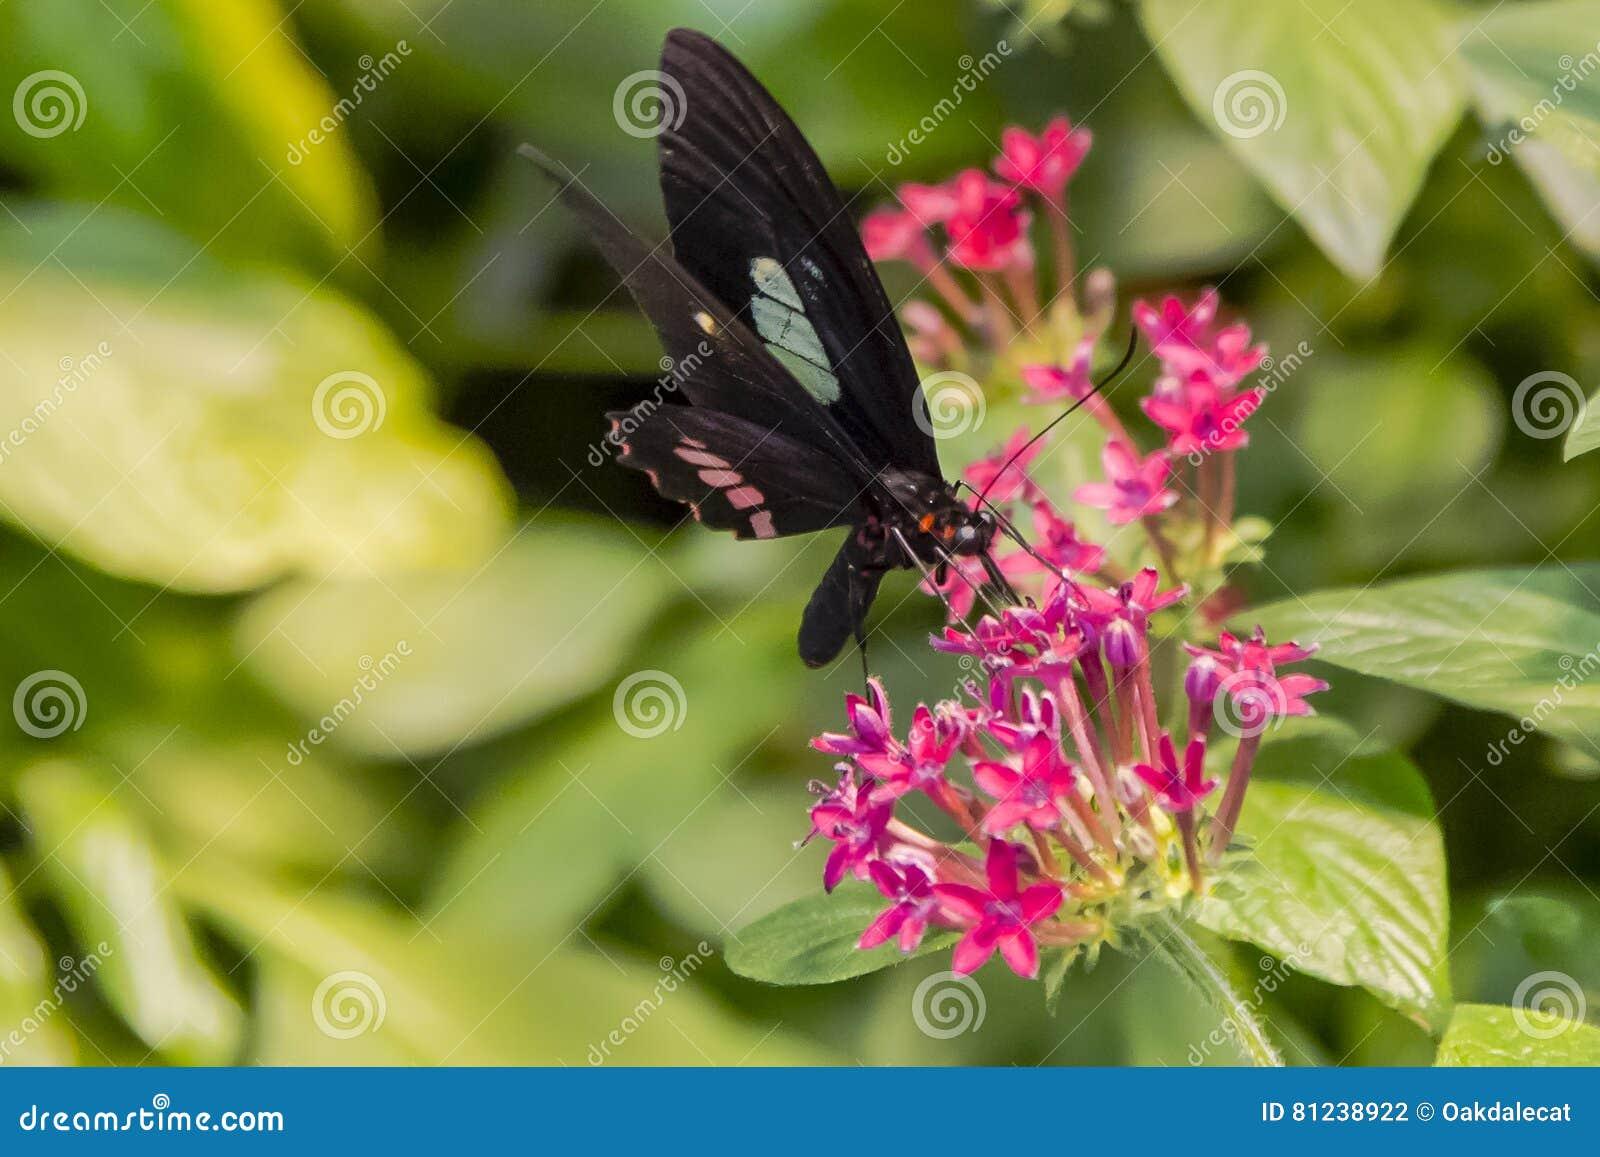 Mariposa que introduce en la flor